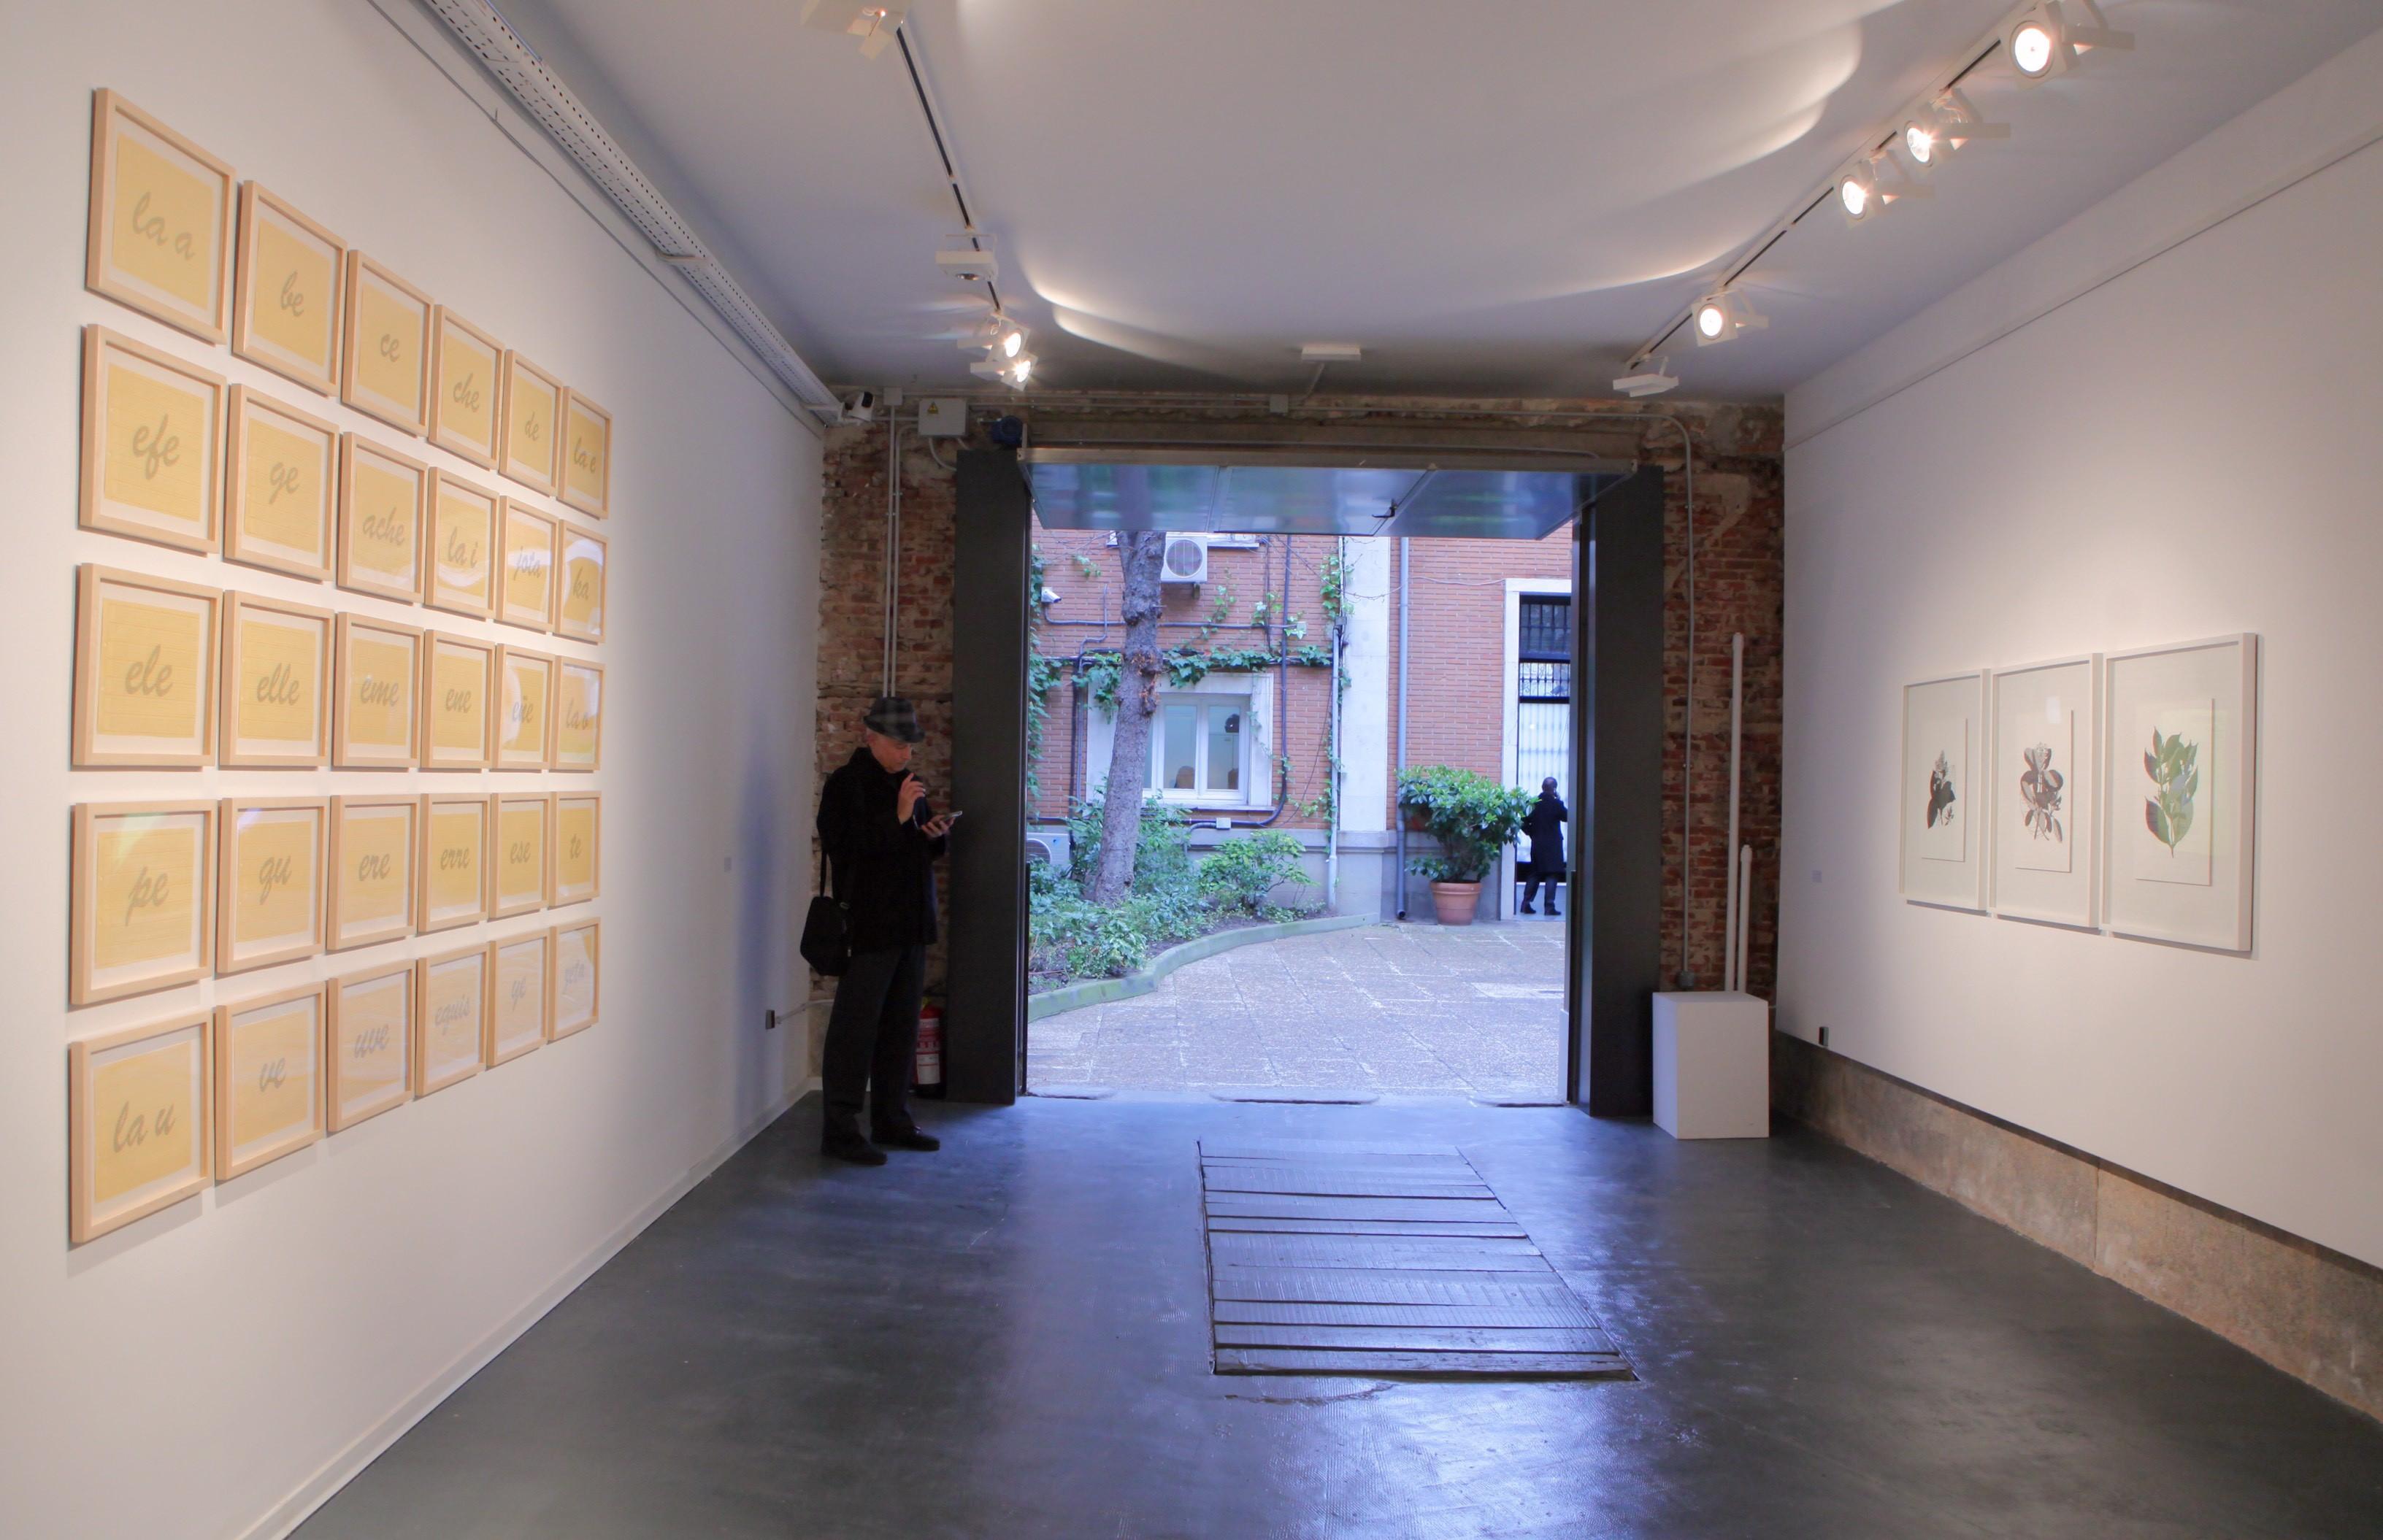 Vista de la exposición con las obras de Johanna Calle Nominal y Traducciones, de izquierda a derecha.